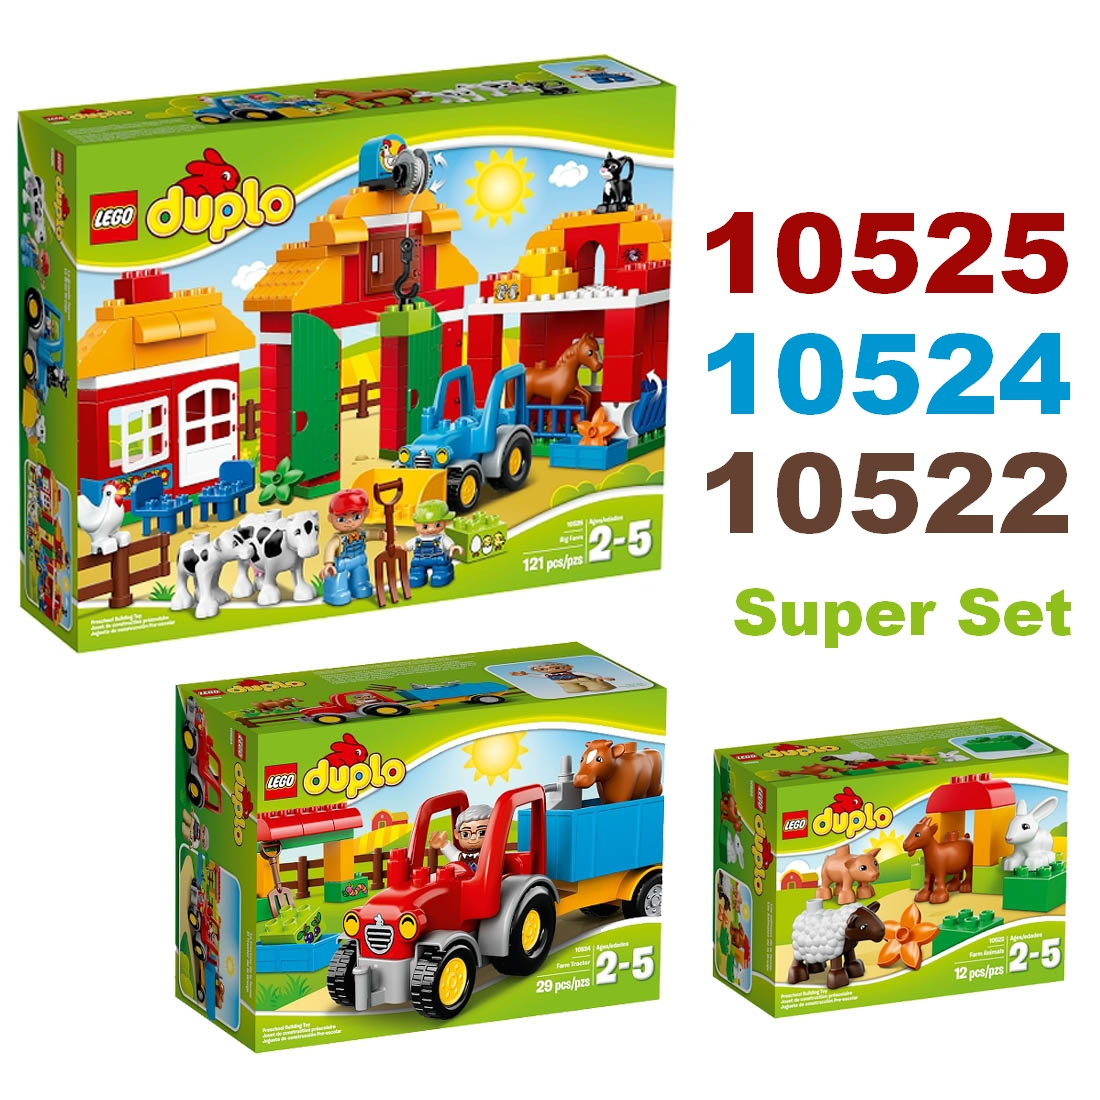 Duplo Lego Angebote Auf Waterige 10593 Fire Station 2014 Set 10525 10524 10522 Groer Bauernhof Big Farm